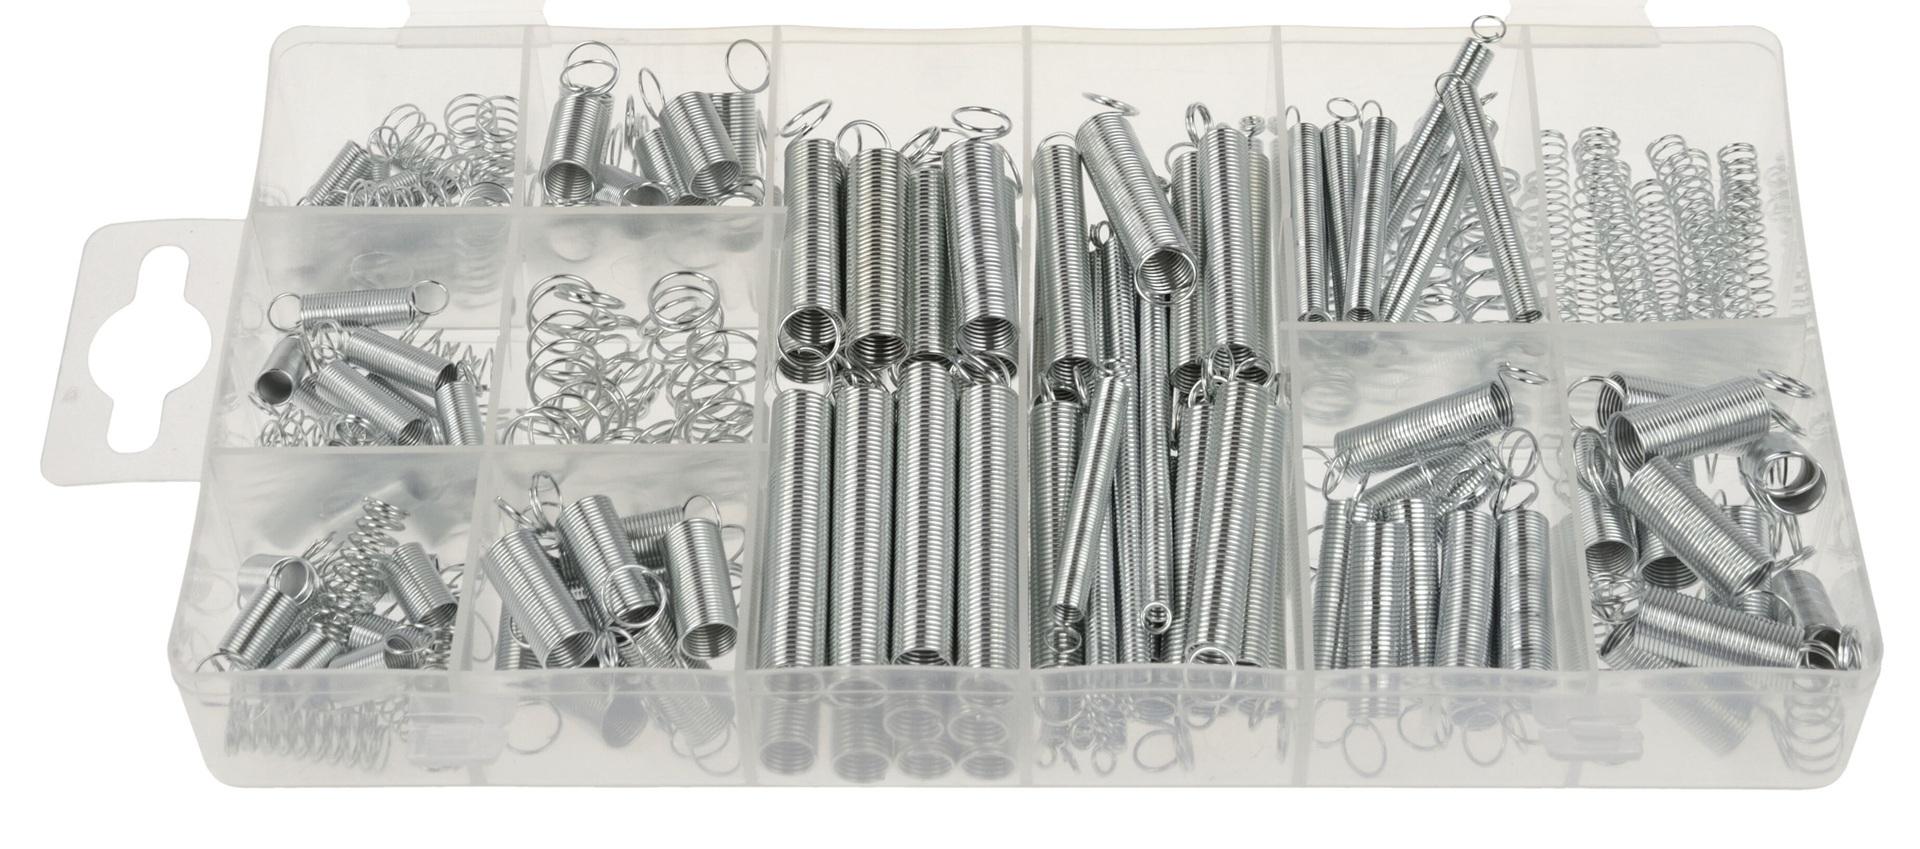 Pružinky - pera, 17.46 - 19.5 mm, stahovací a roztahovací, sada 200 kusů